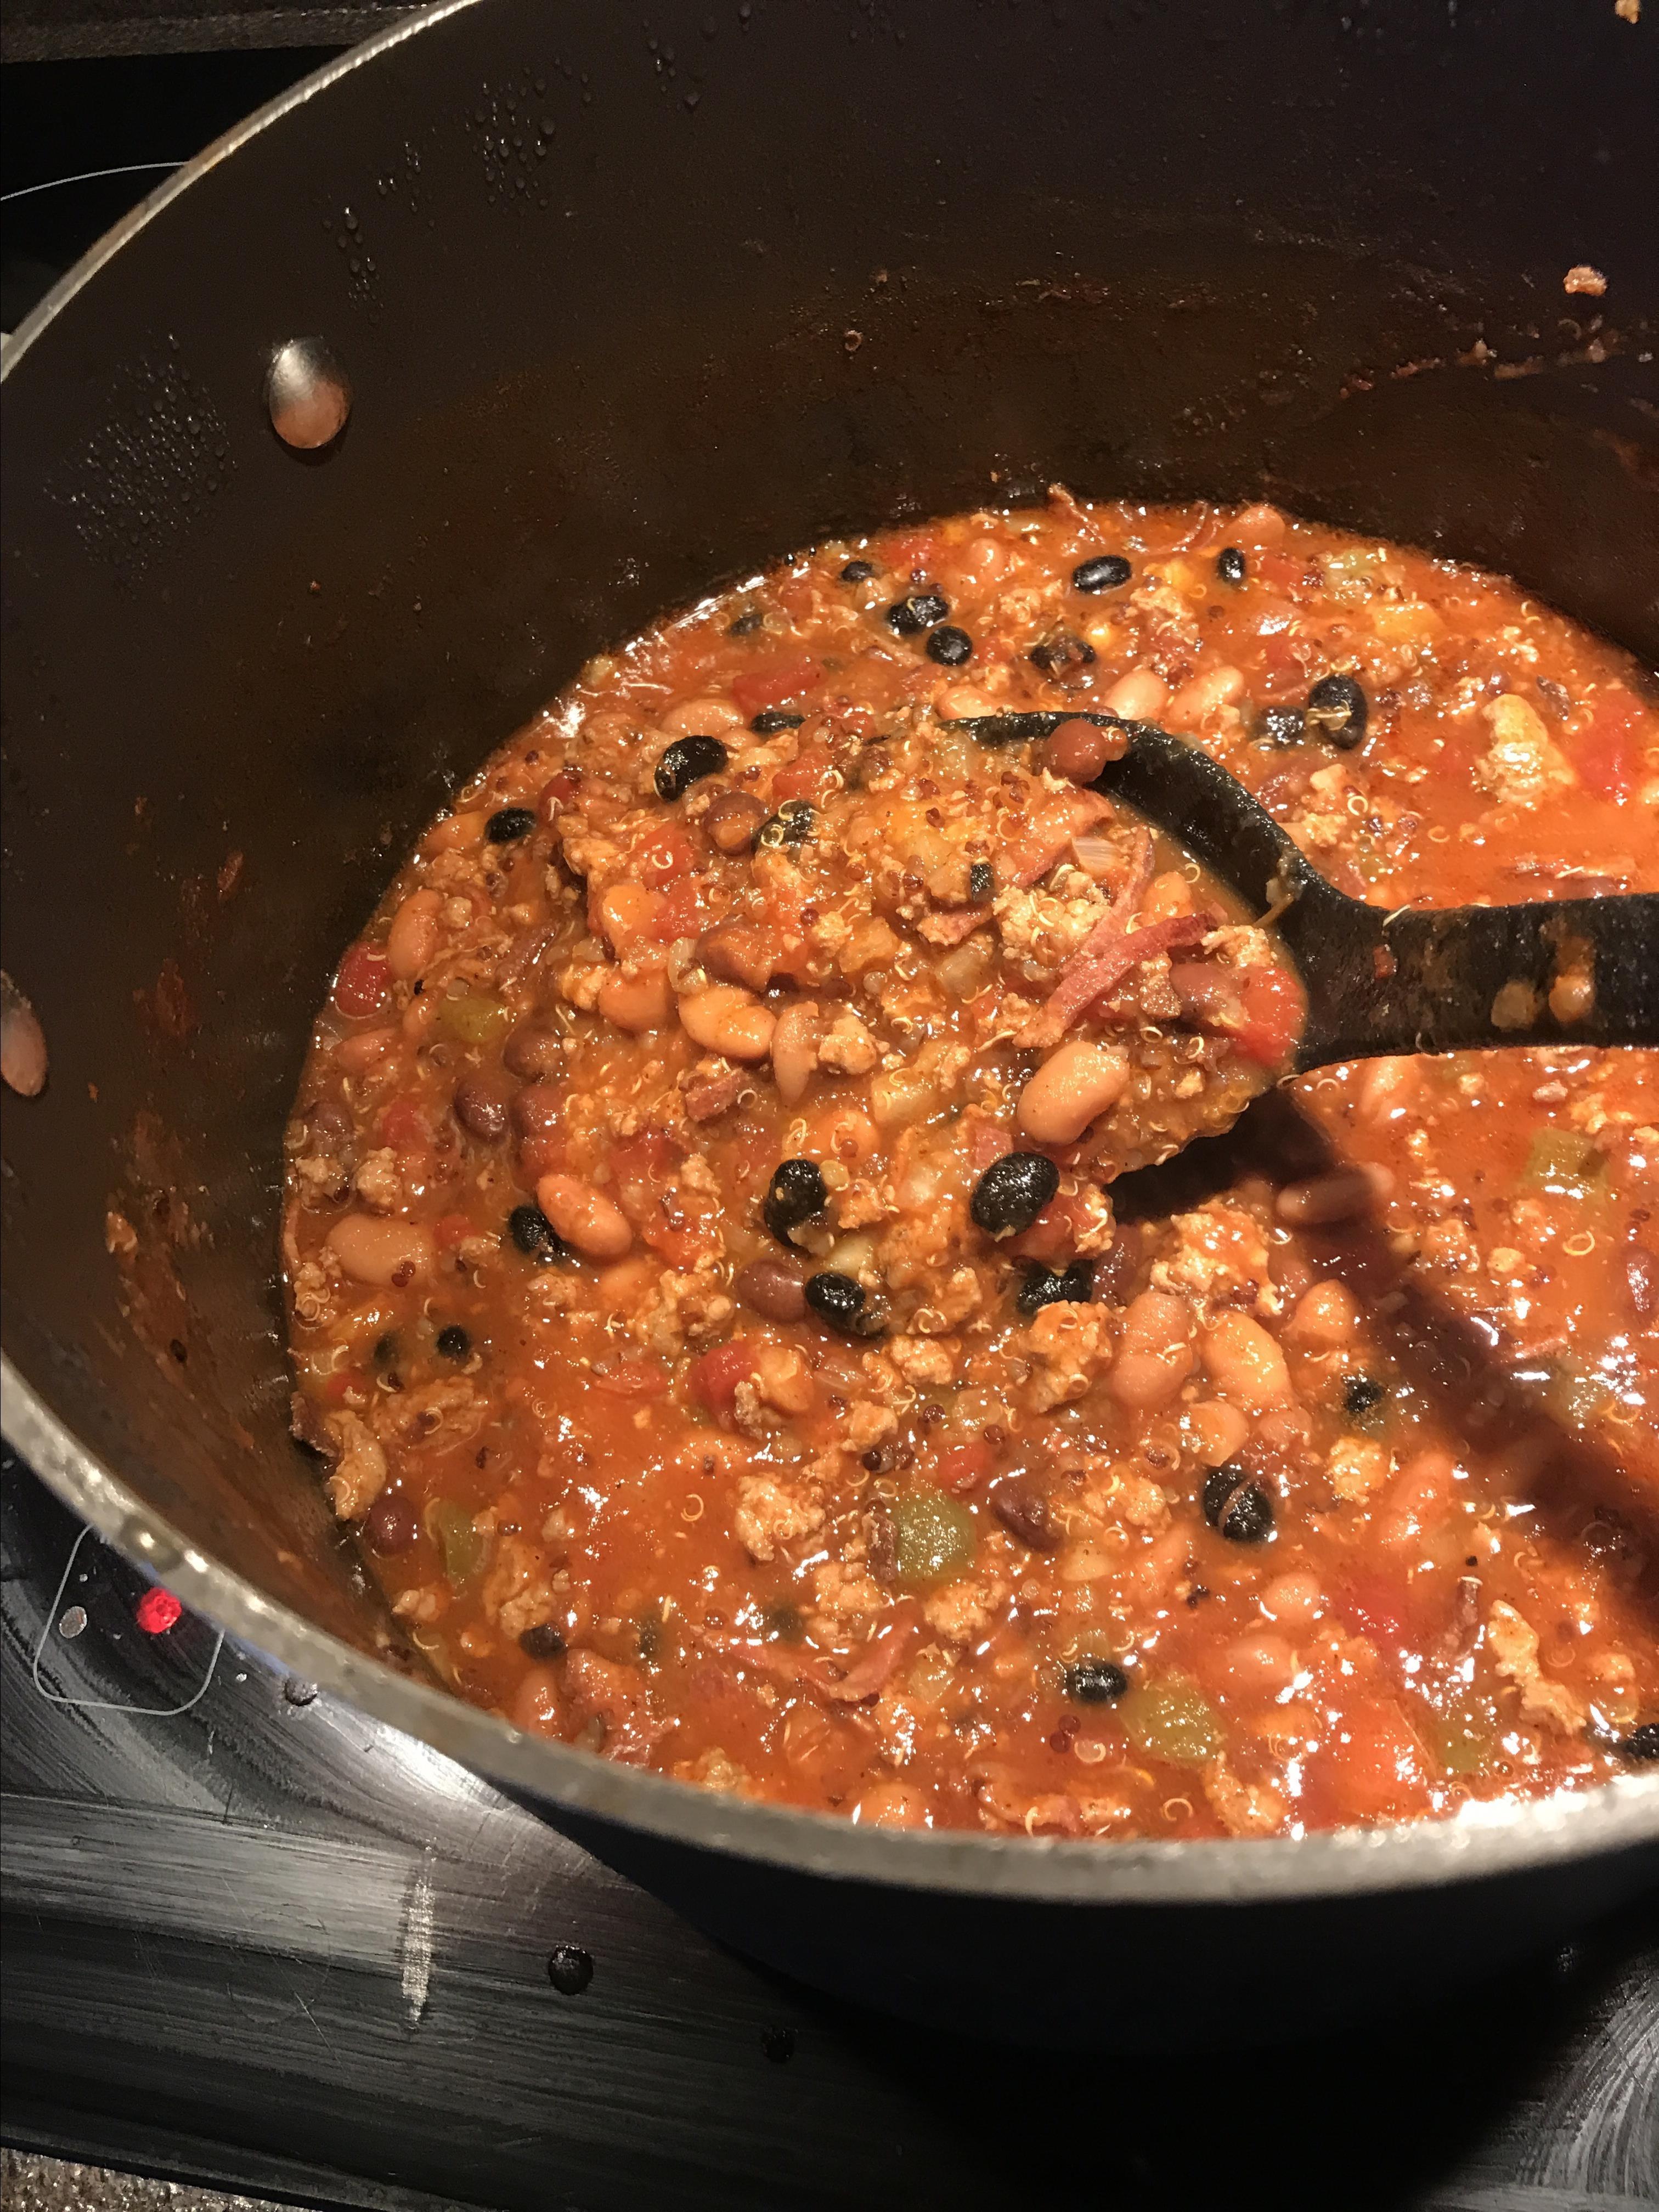 Simple Turkey Chili Recipe Allrecipes